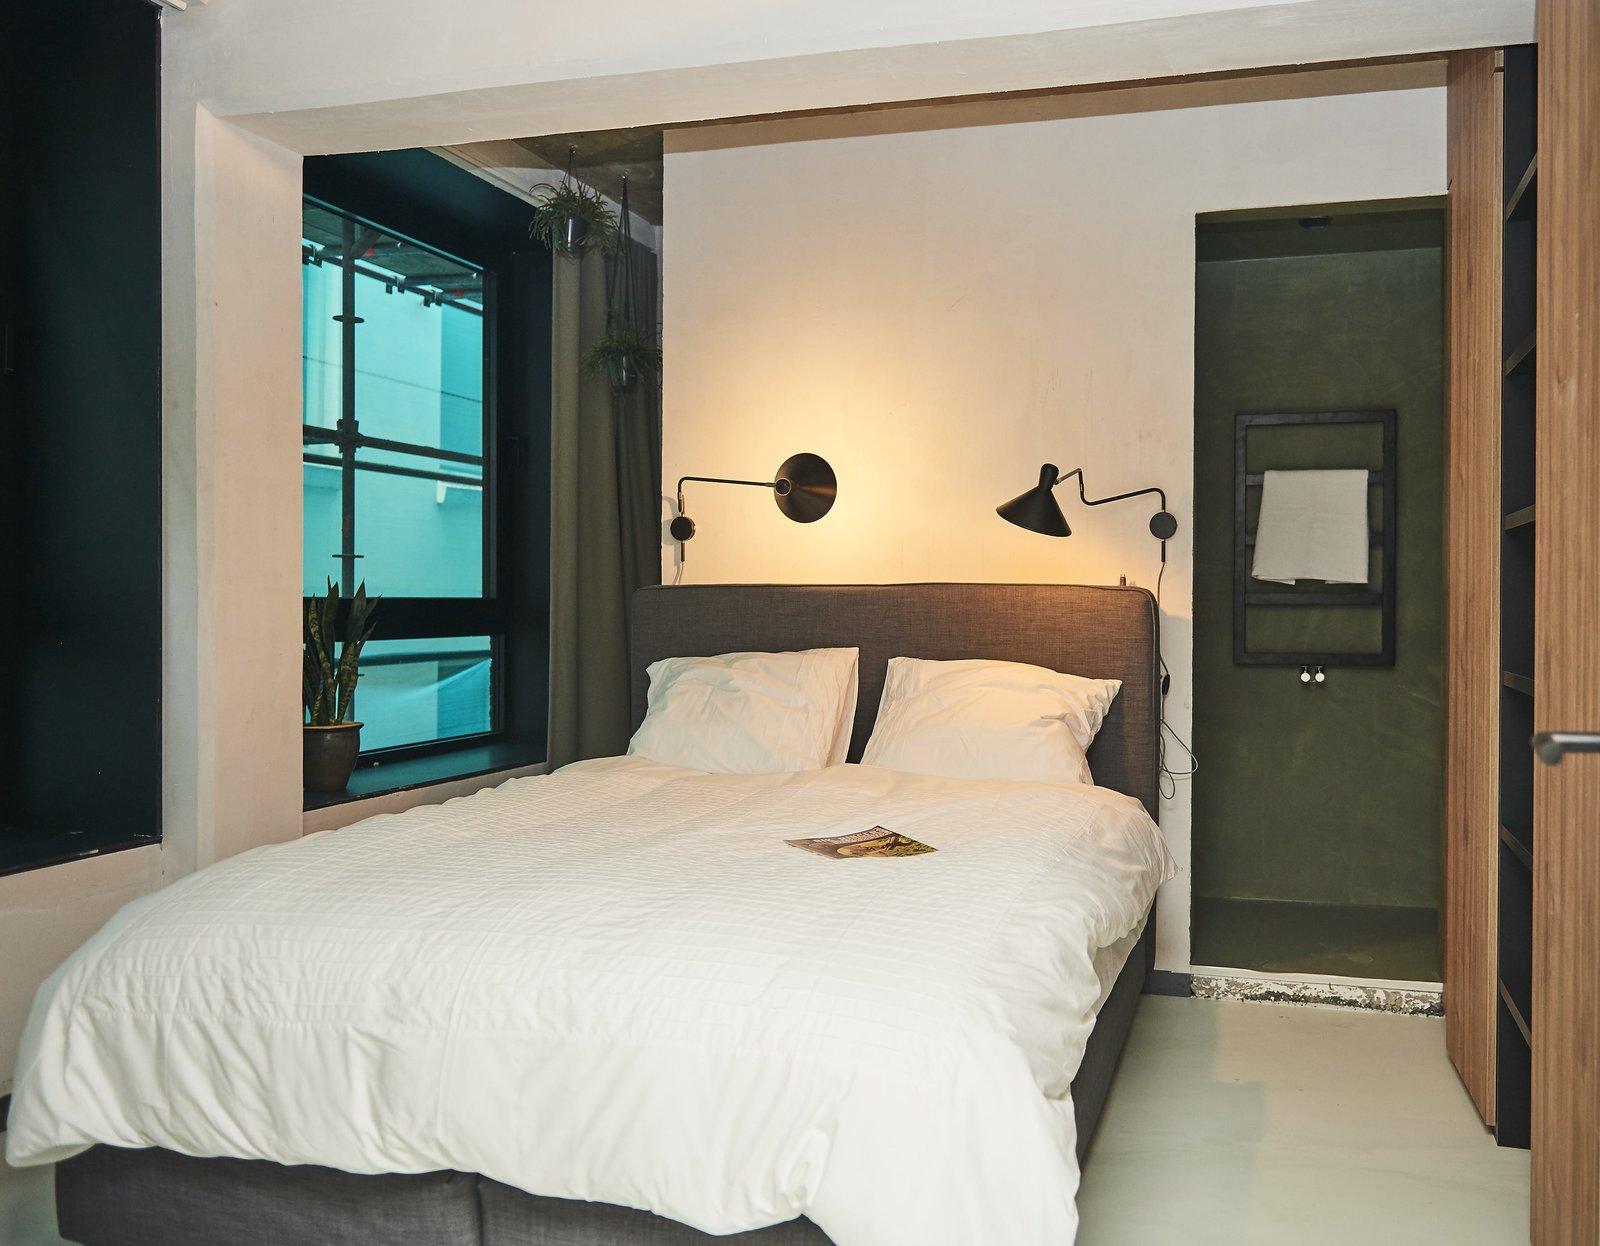 Bed, Wardrobe, Storage, Floor Lighting, Ceiling Lighting, Wall Lighting, Lamps, Living Room, and Concrete Floor Bedroom  HUT